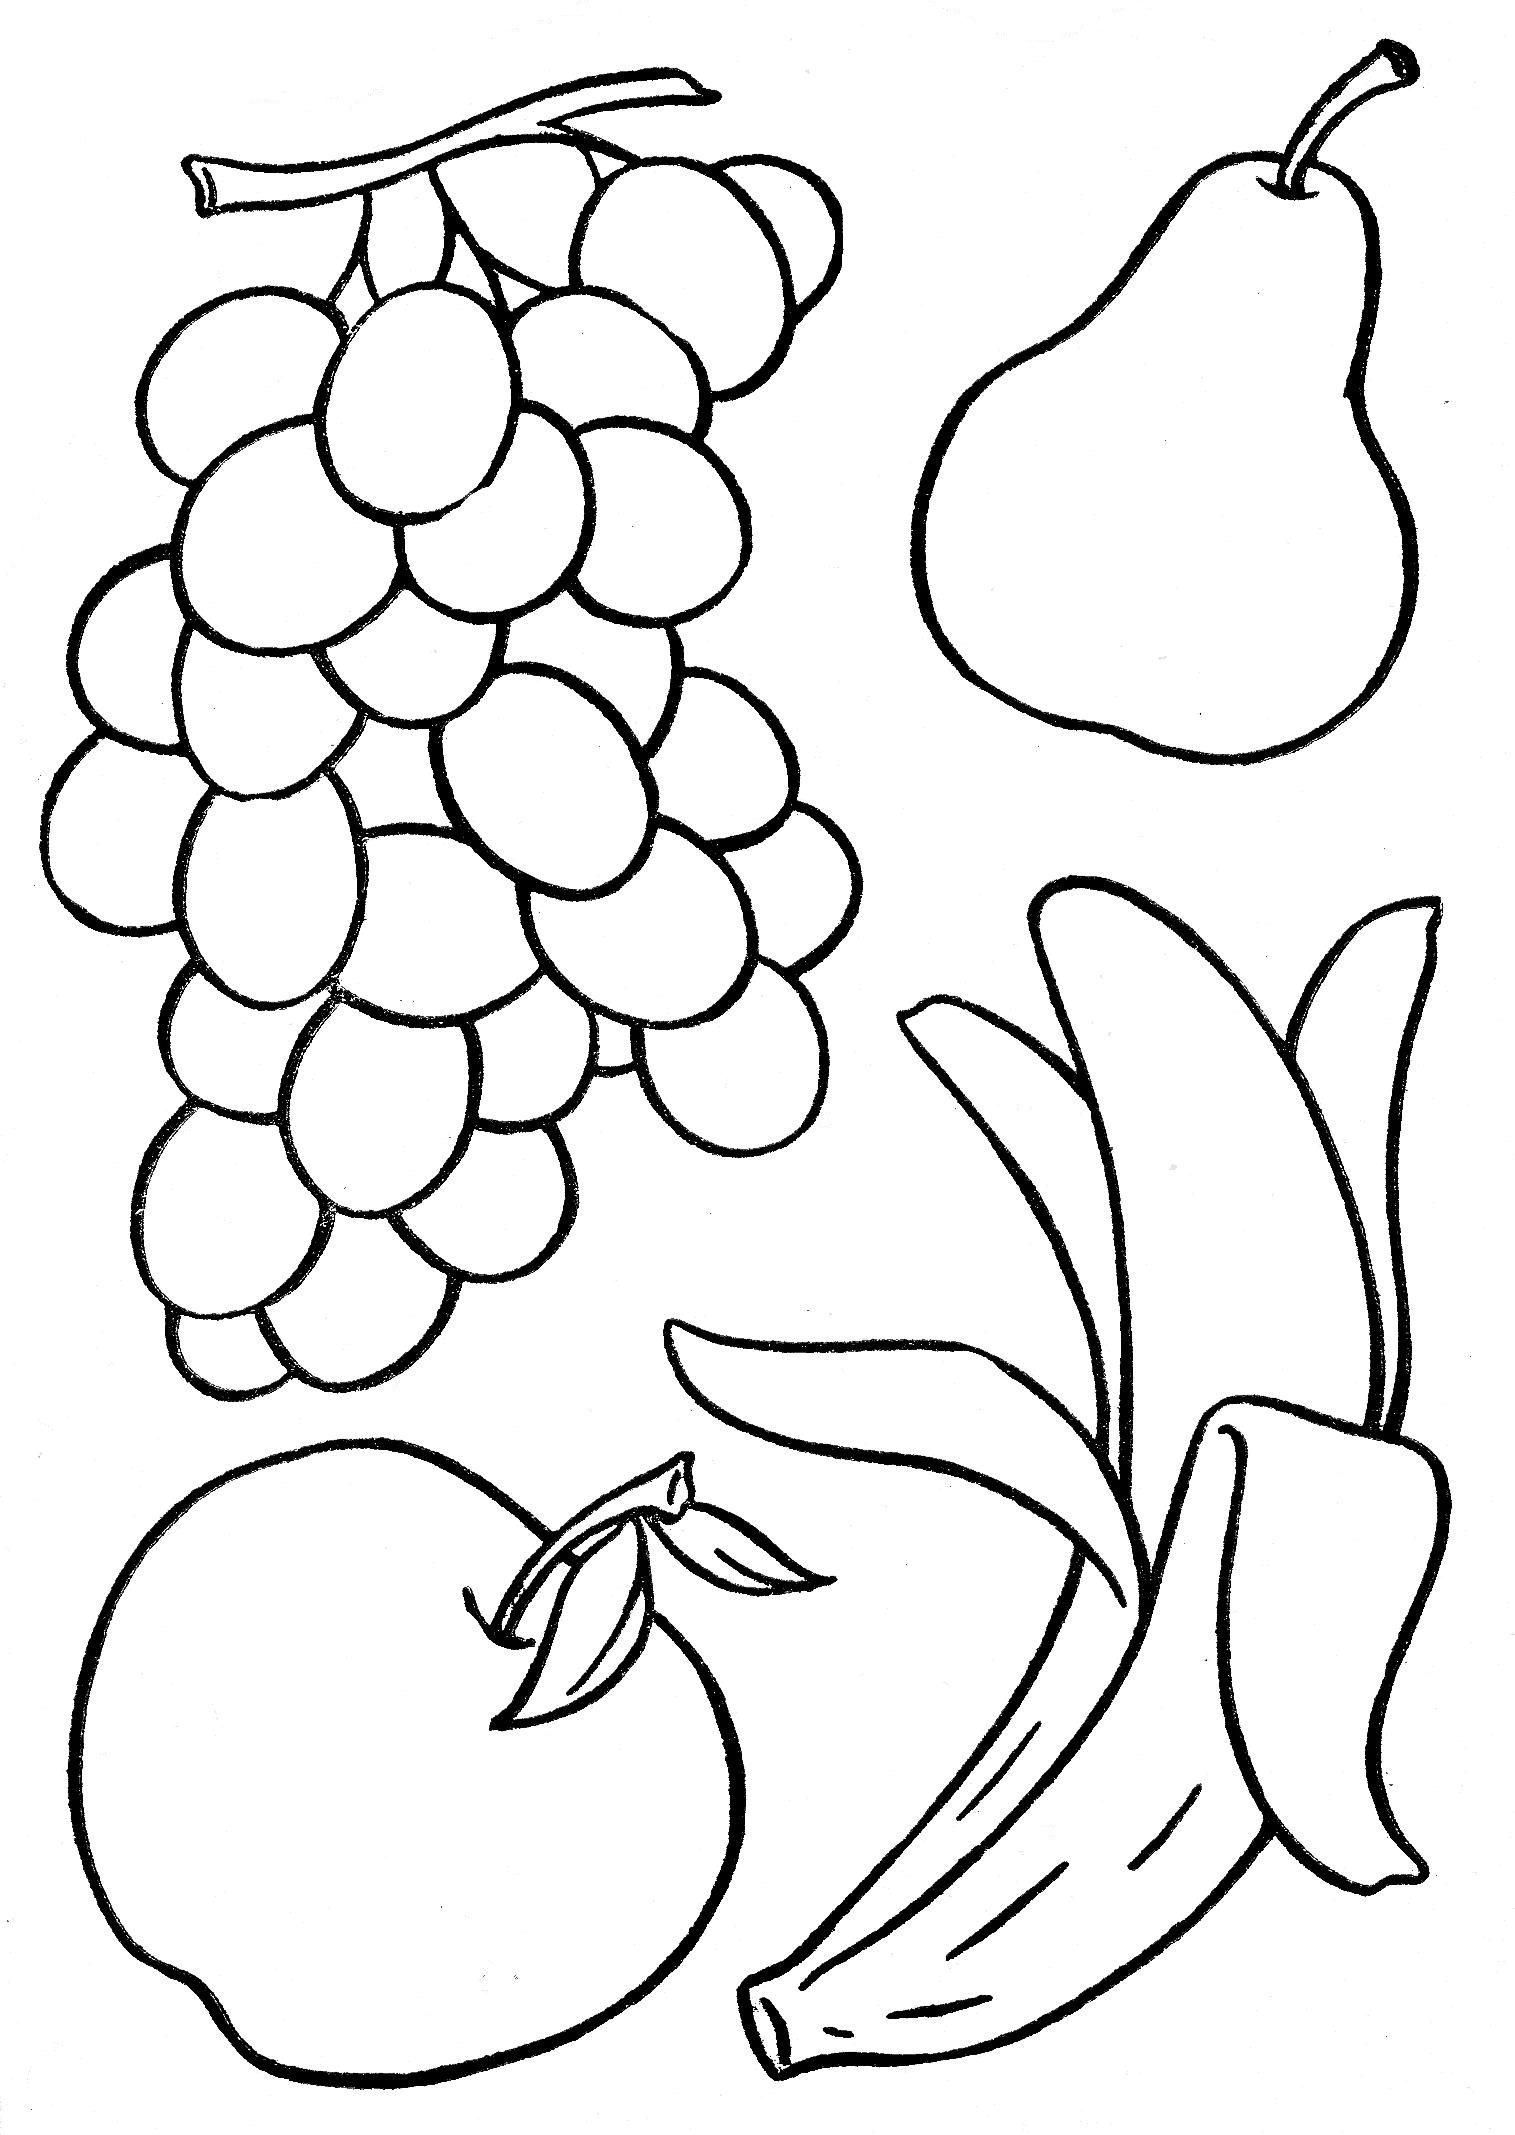 Obst Zum Ausmalen Obst